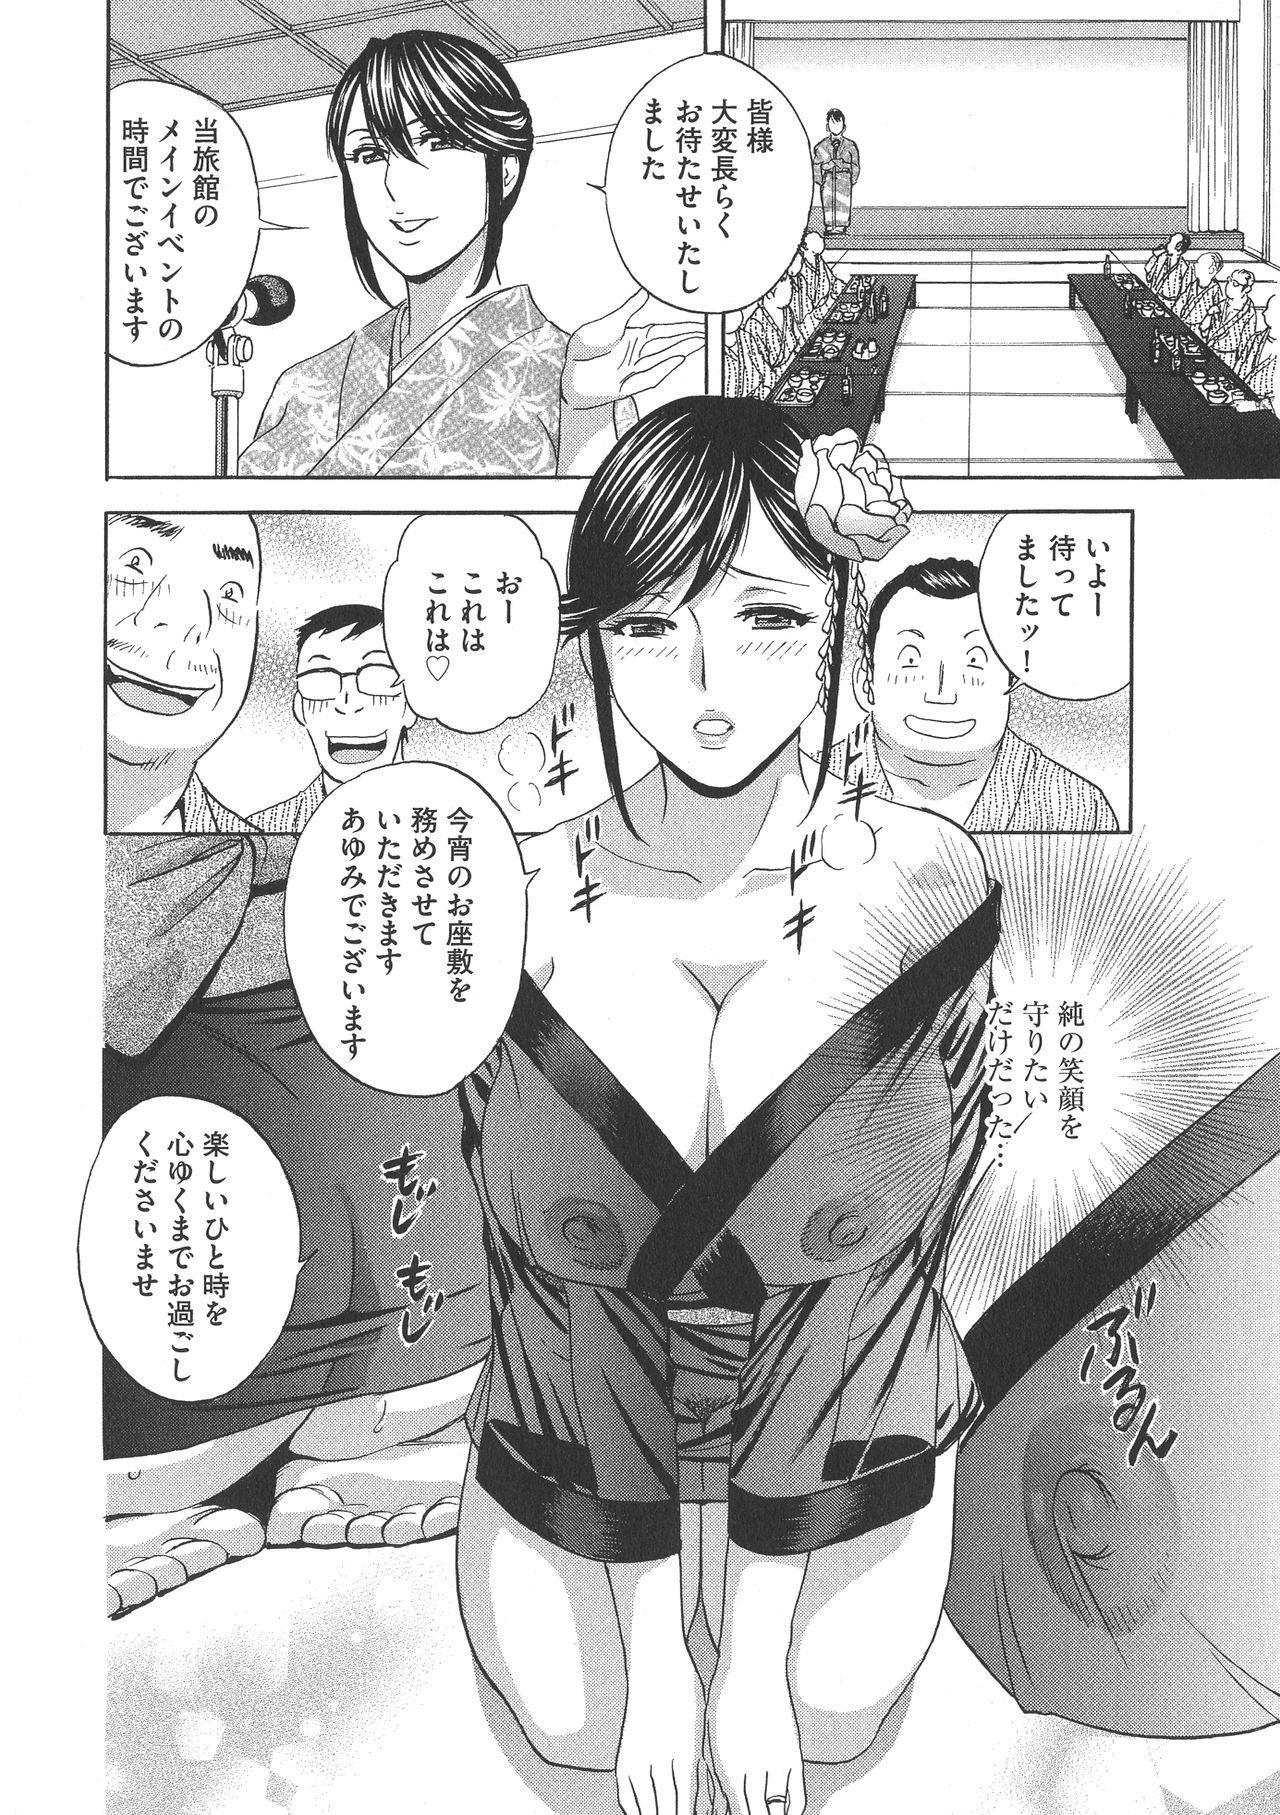 Chijoku ni Modaeru Haha no Chichi… 21